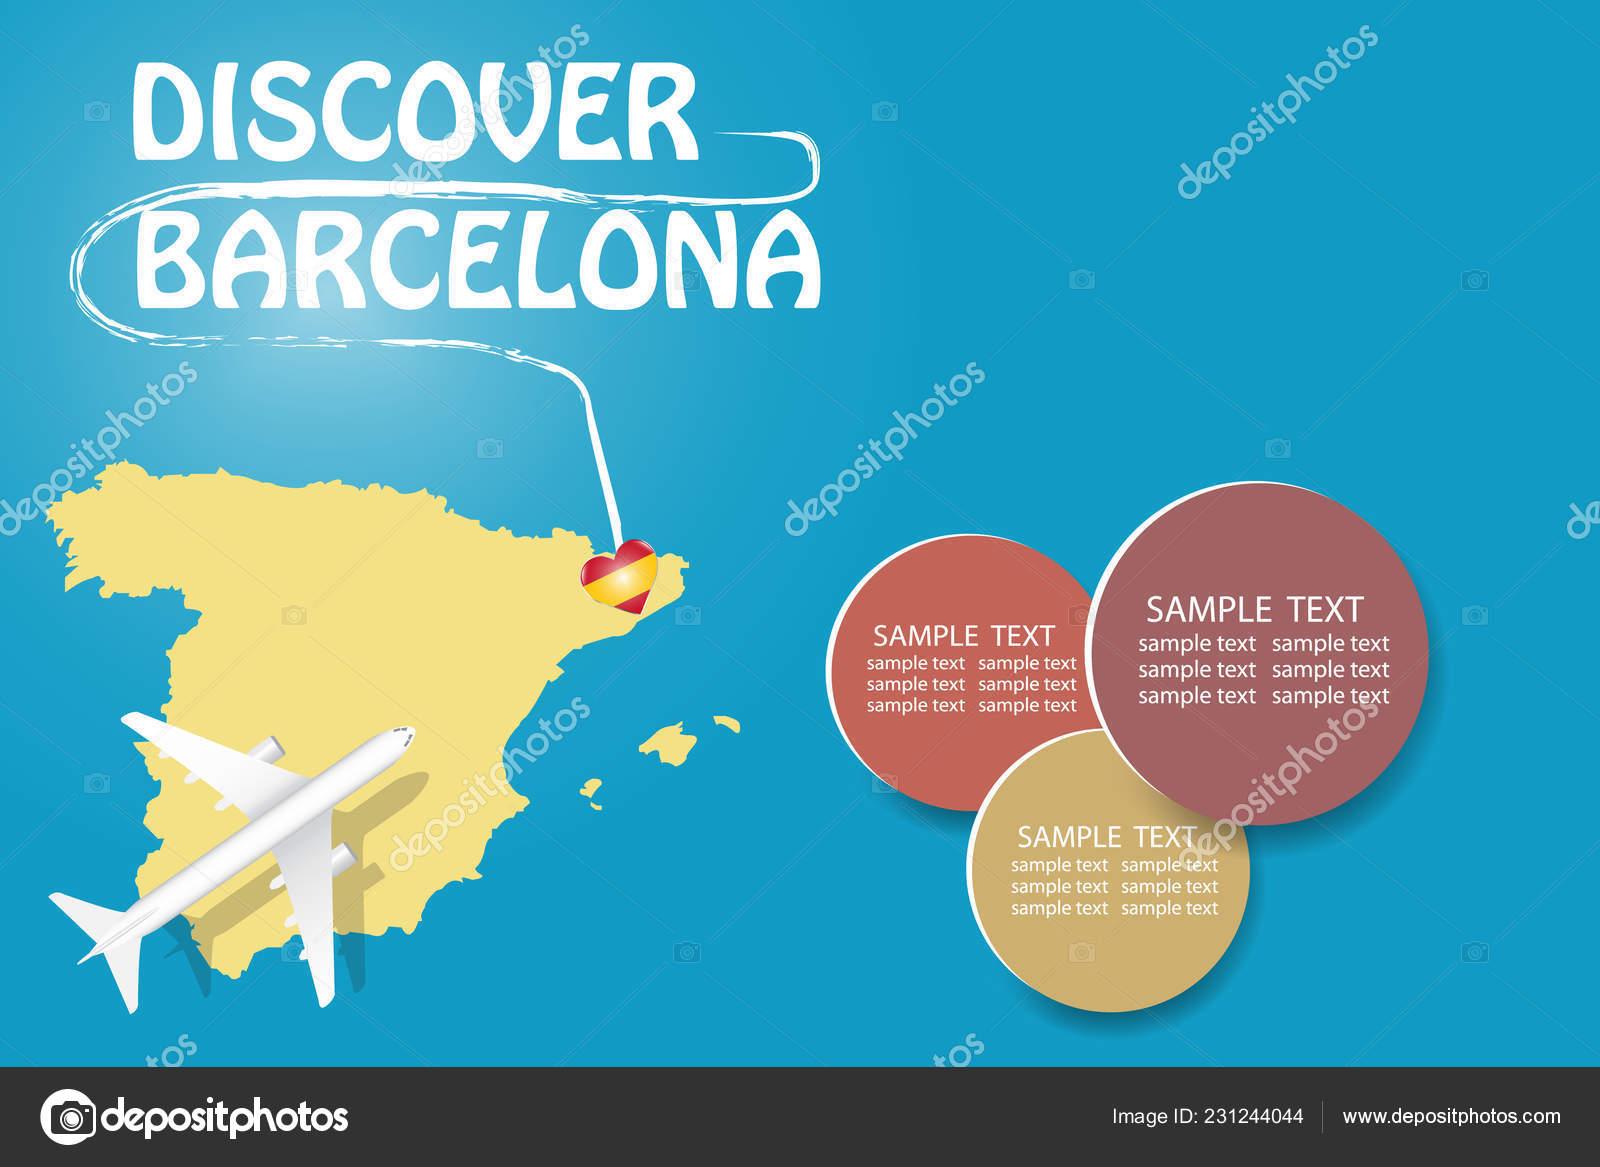 Carte De Lespagne Barcelone.Decouvrez Modele Vierge Barcelone Avec Avion Volant Carte Espagne